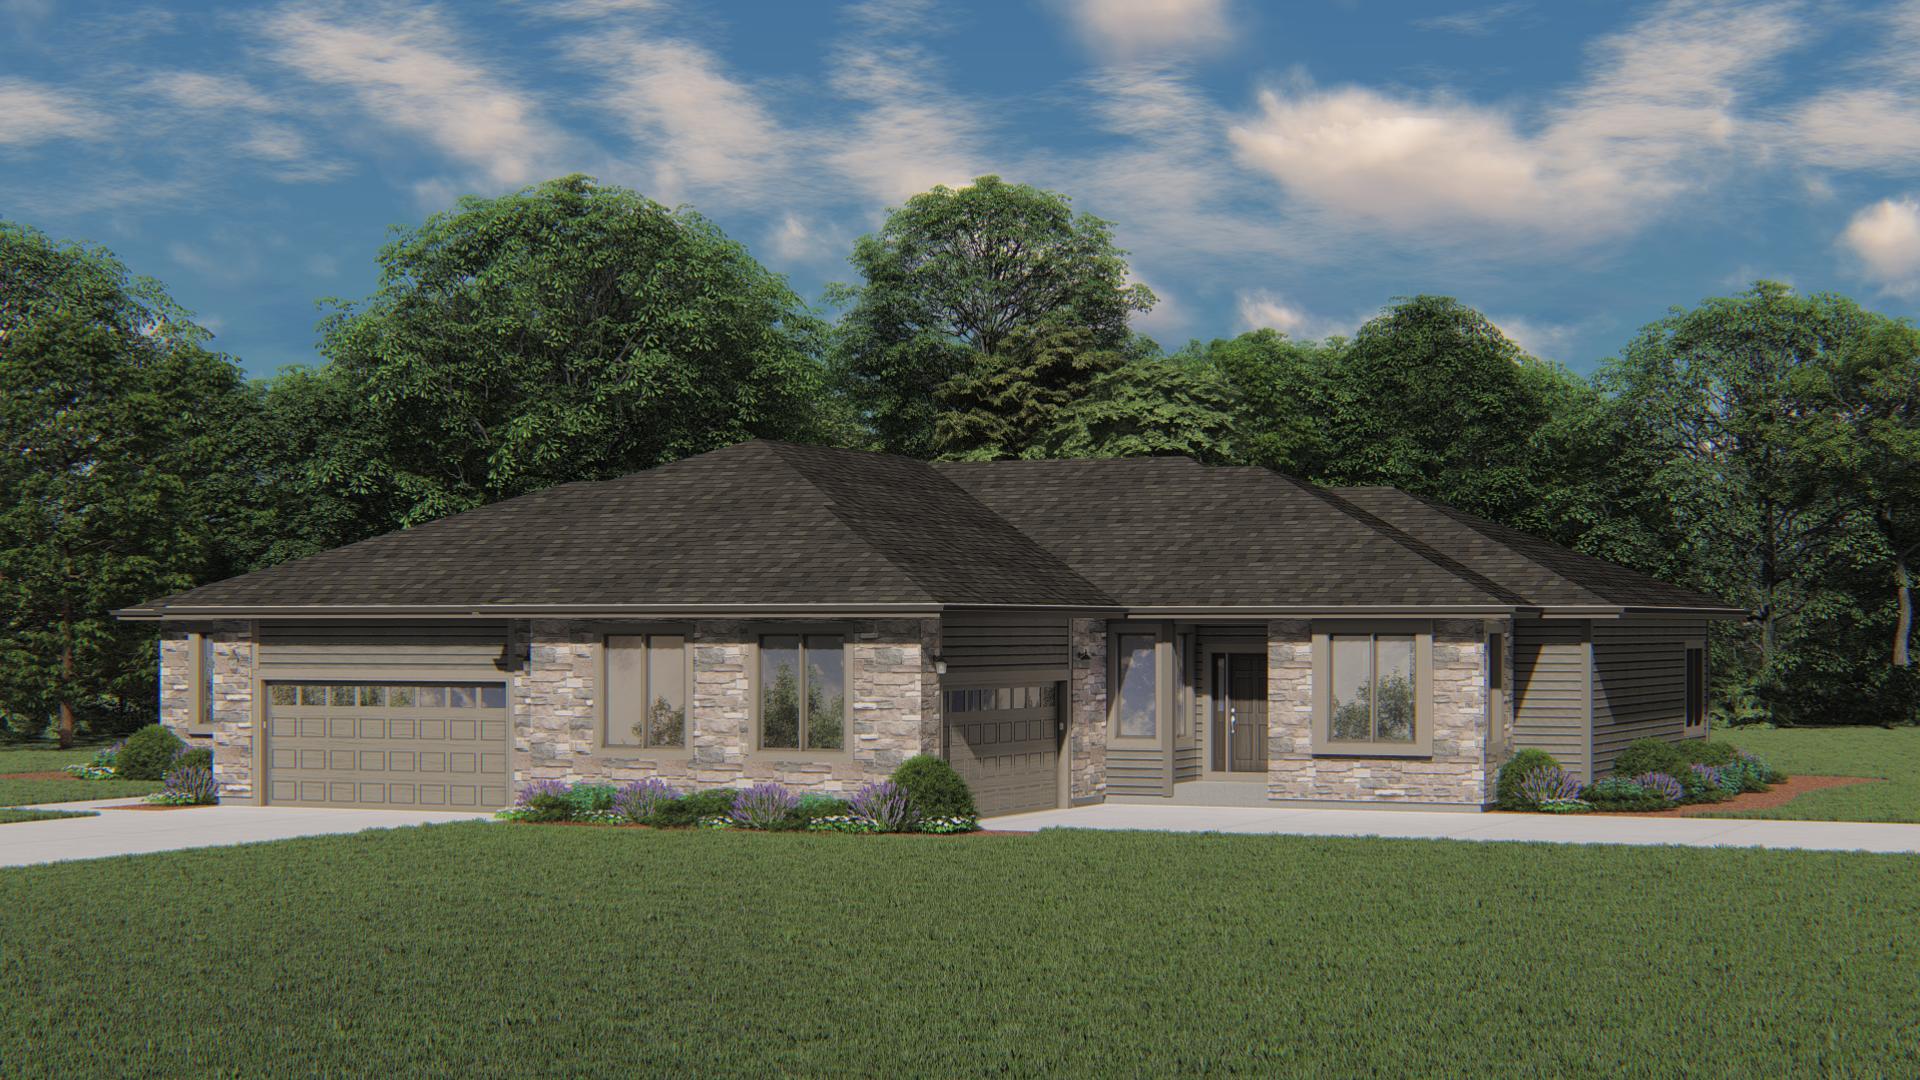 1006 Pinegrove Ct, Hartland, Wisconsin 53029, 2 Bedrooms Bedrooms, 9 Rooms Rooms,2 BathroomsBathrooms,Condominiums,For Sale,Pinegrove Ct,1,1759378